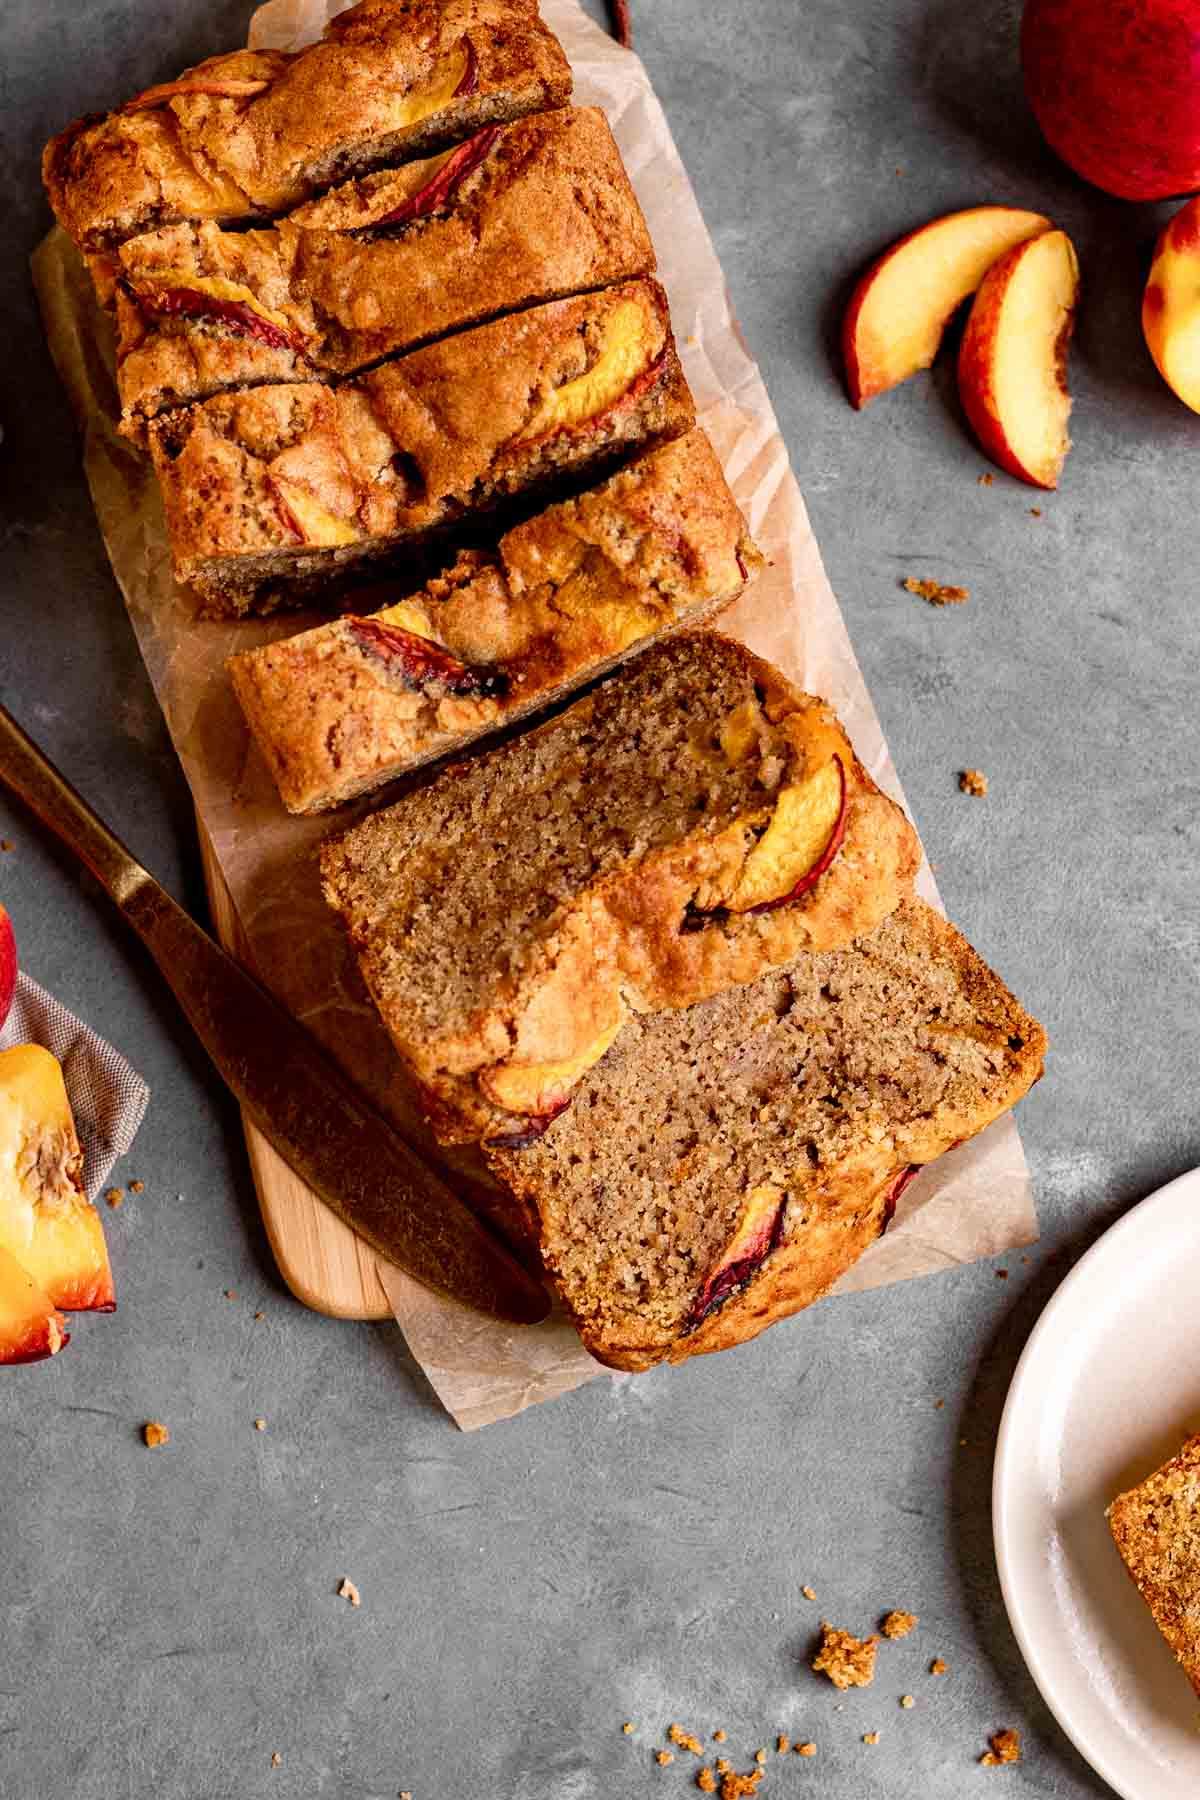 Cinnamon Peach Bread sliced on cutting board